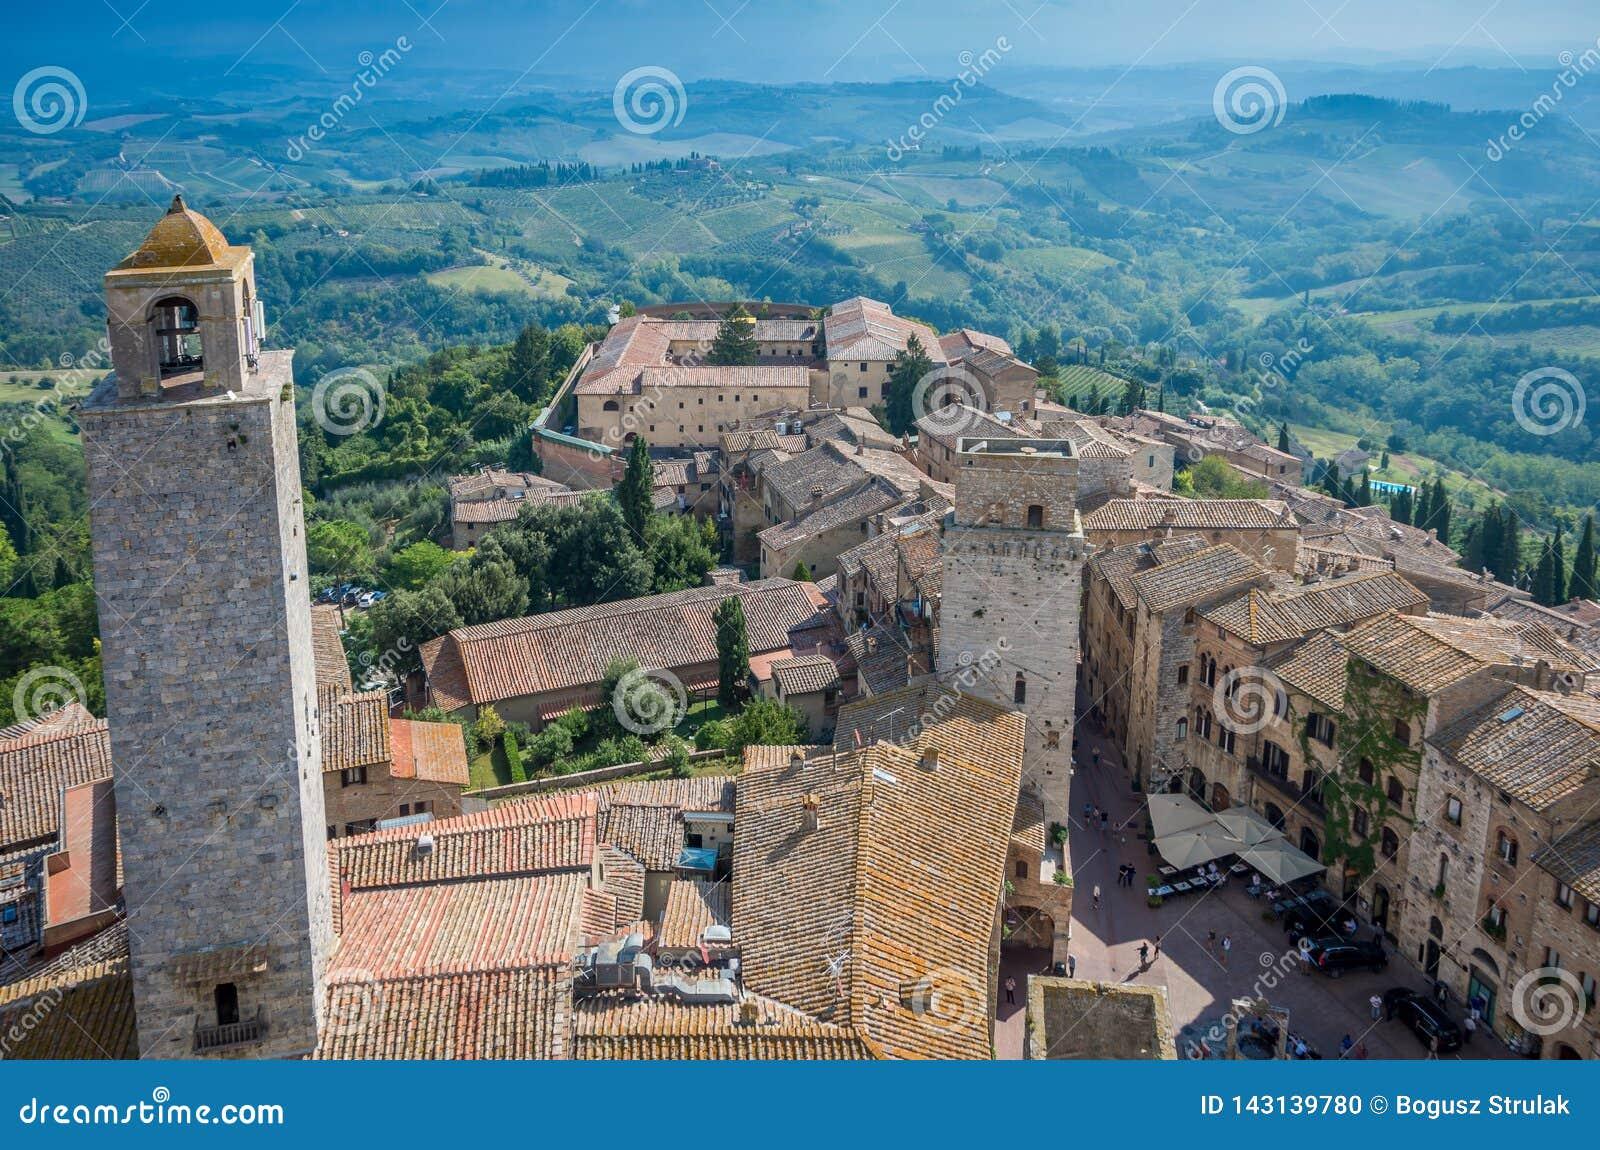 Flyg- bred vinkelsikt av den historiska staden av San Gimignano med Tuscan bygd, Tuscany, Italien